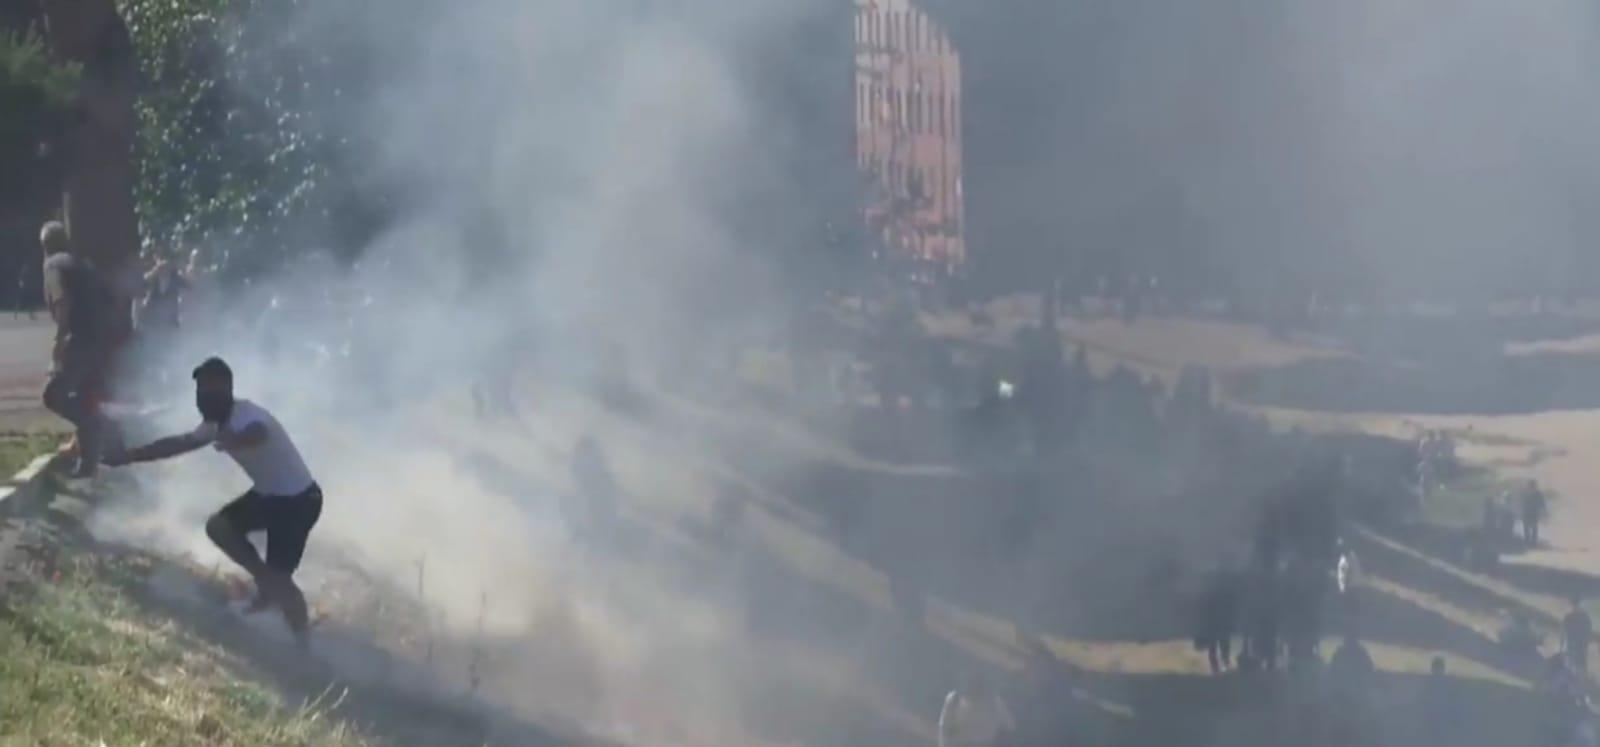 Manifestazione Ultras a Roma, il Circo Massimo prende fuoco. Feriti dei giornalisti